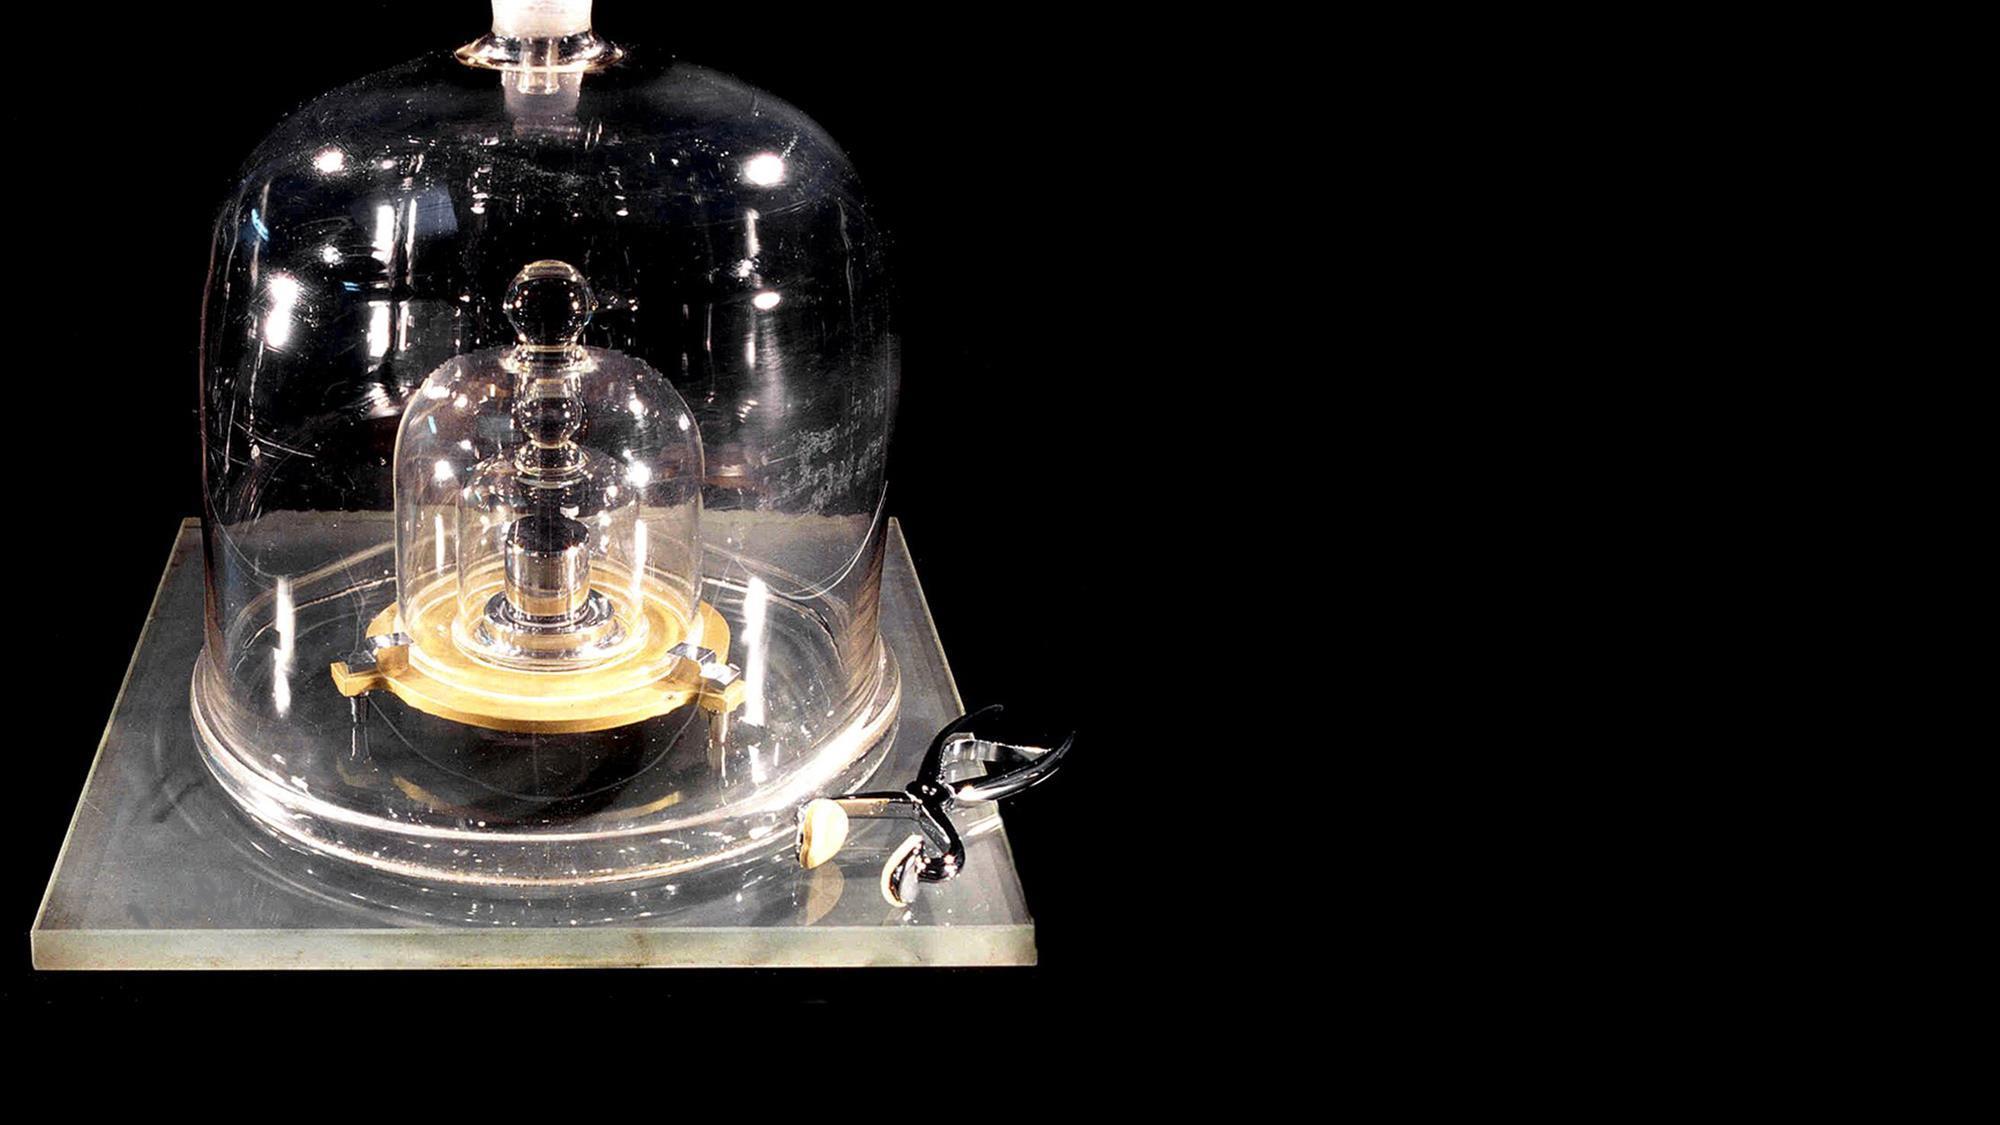 Ученые отказались от материального эталона килограмма 1